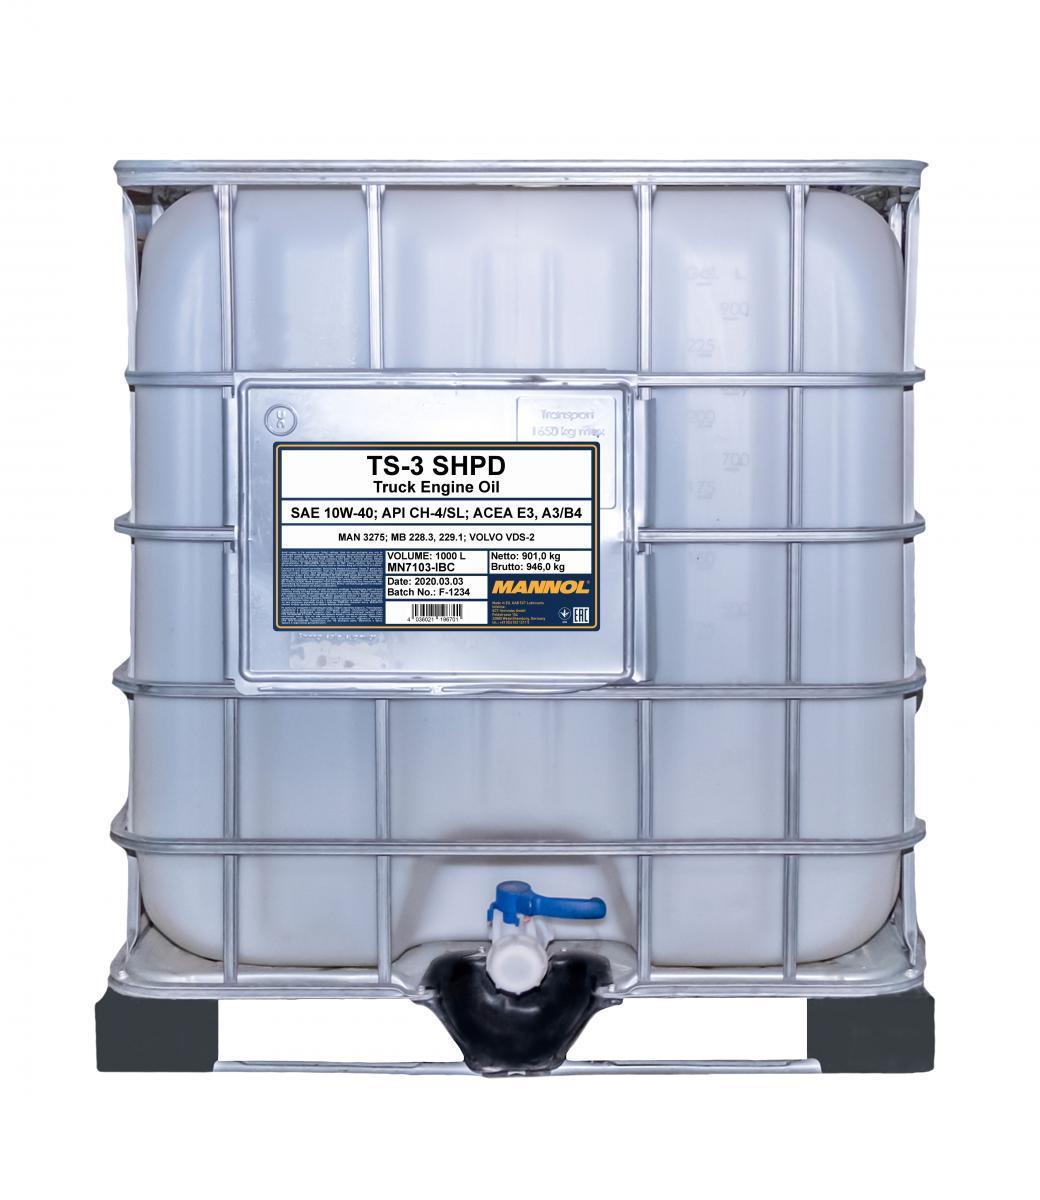 MN7103-IBC MANNOL TS-3, SHPD 10W-40, 10W-40, 1000l Motoröl MN7103-IBC günstig kaufen